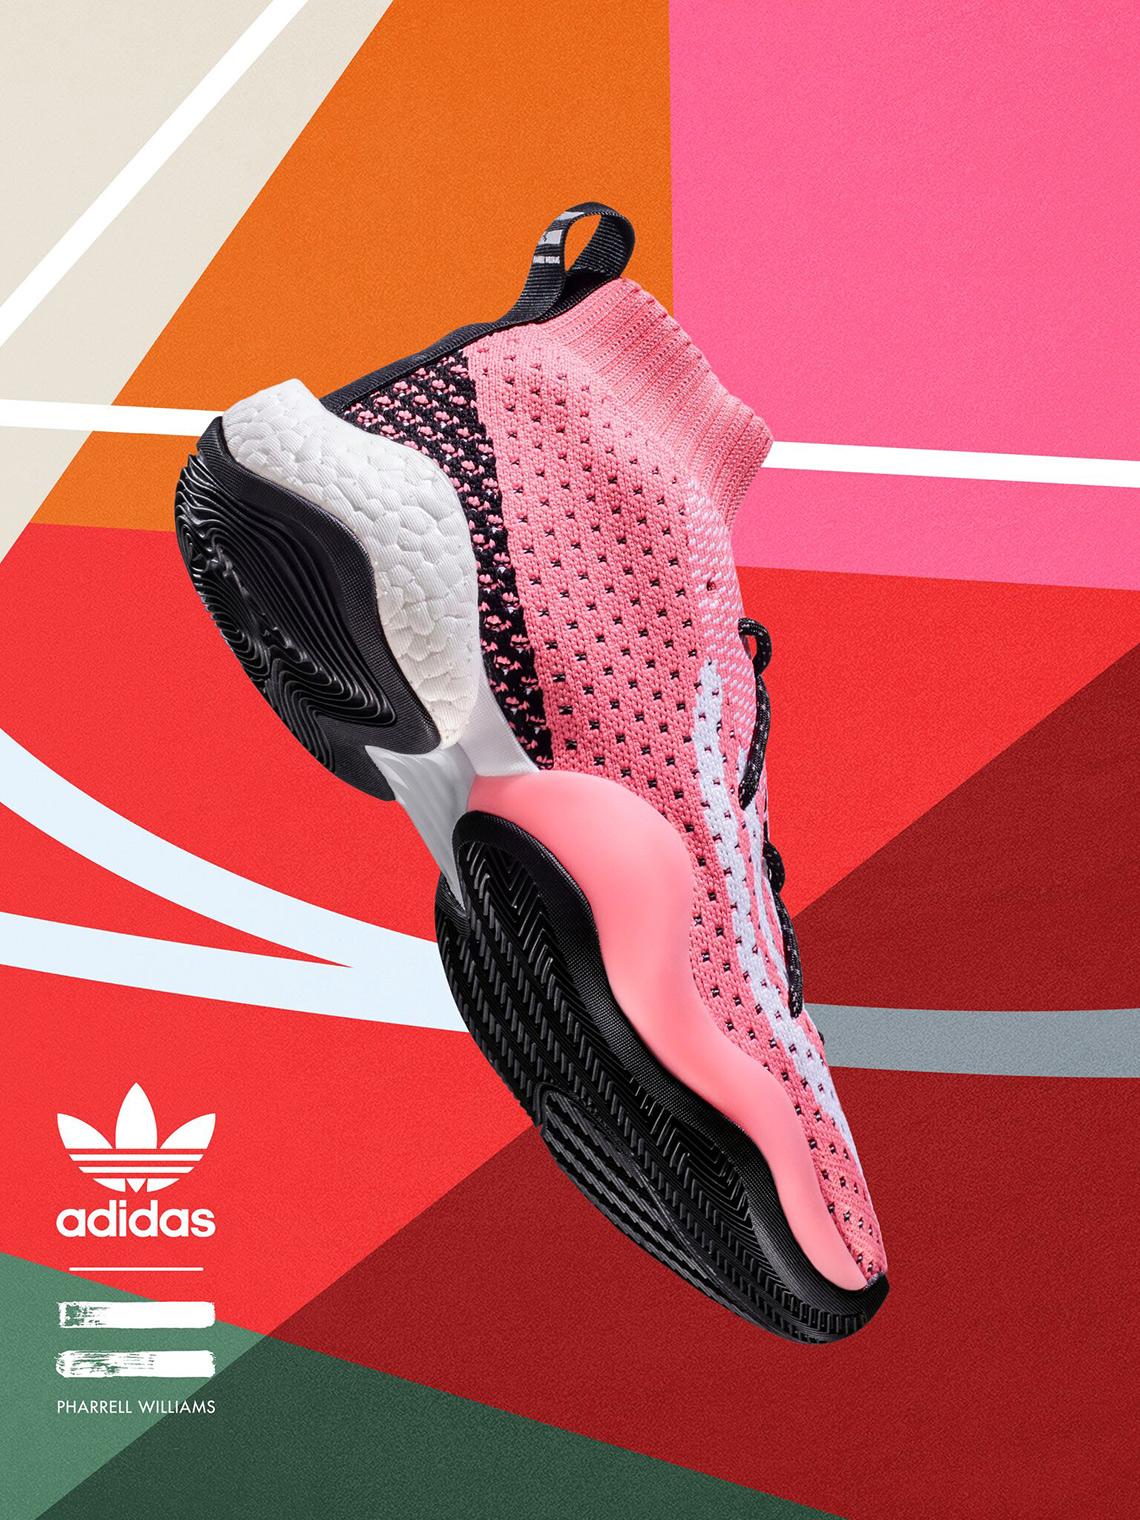 2ca51b2decc23 Pharrell x adidas Crazy BYW